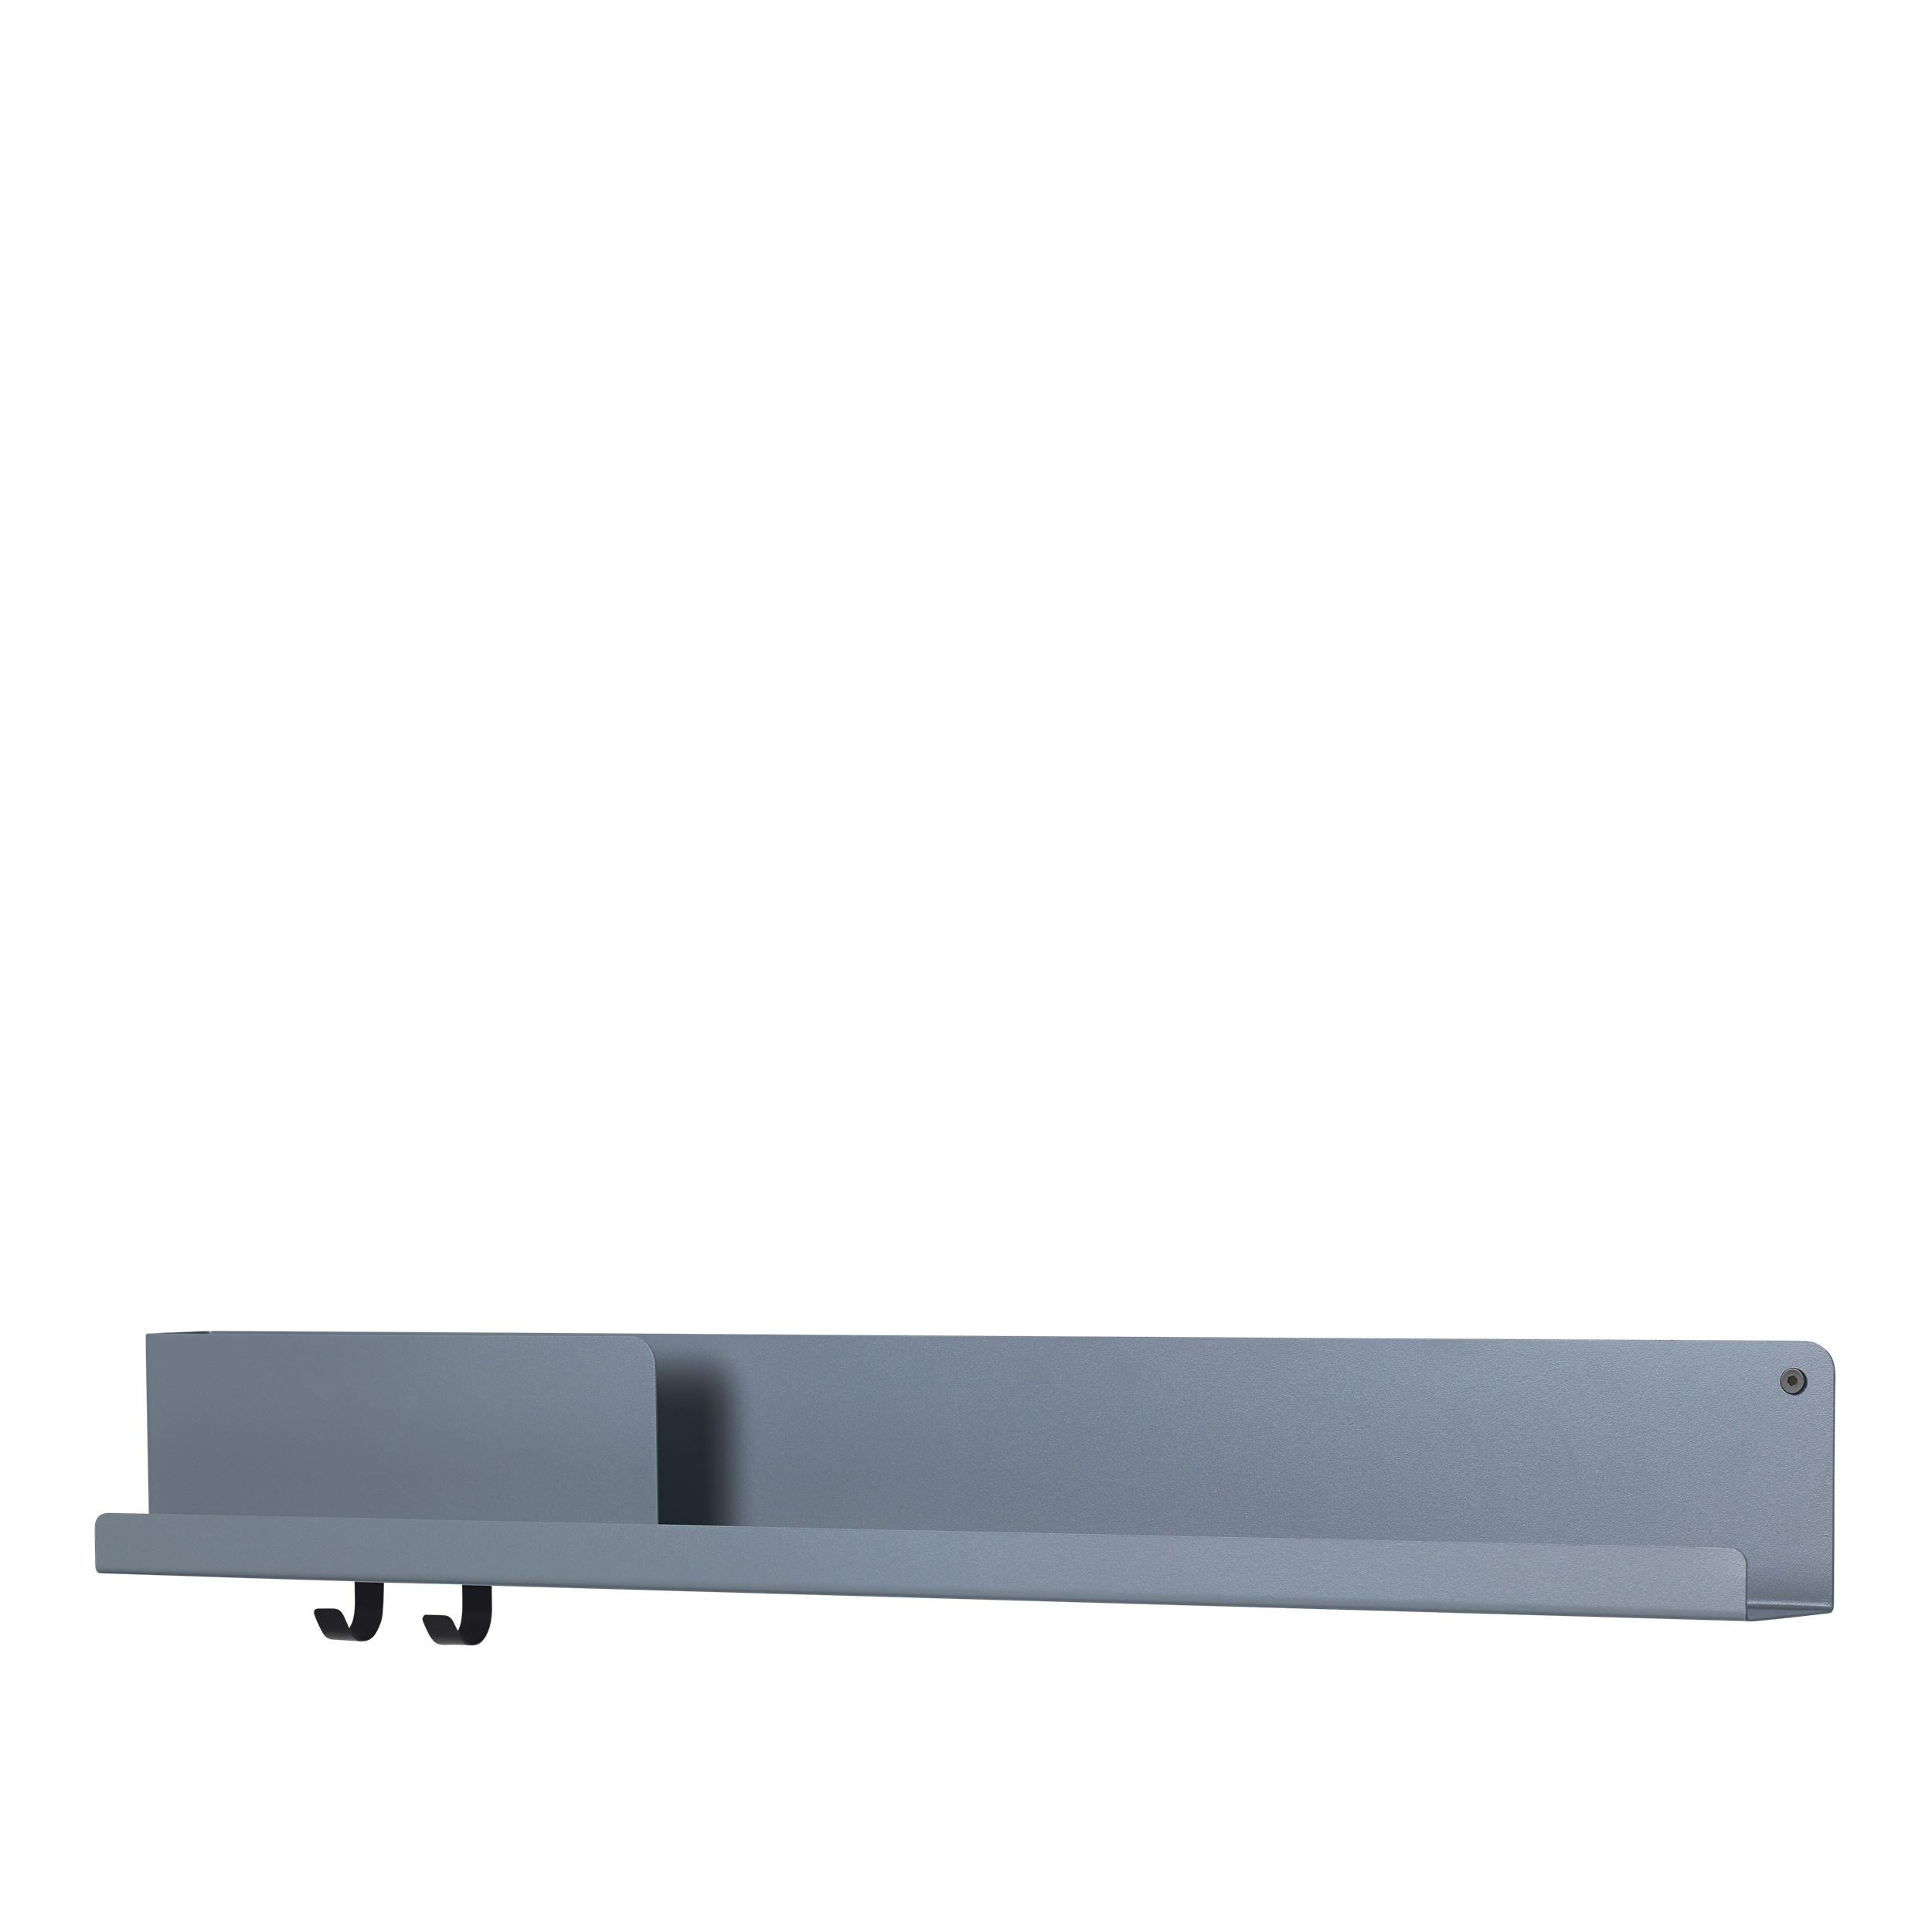 Muuto Folded Shelf Large blue-grey 96cm